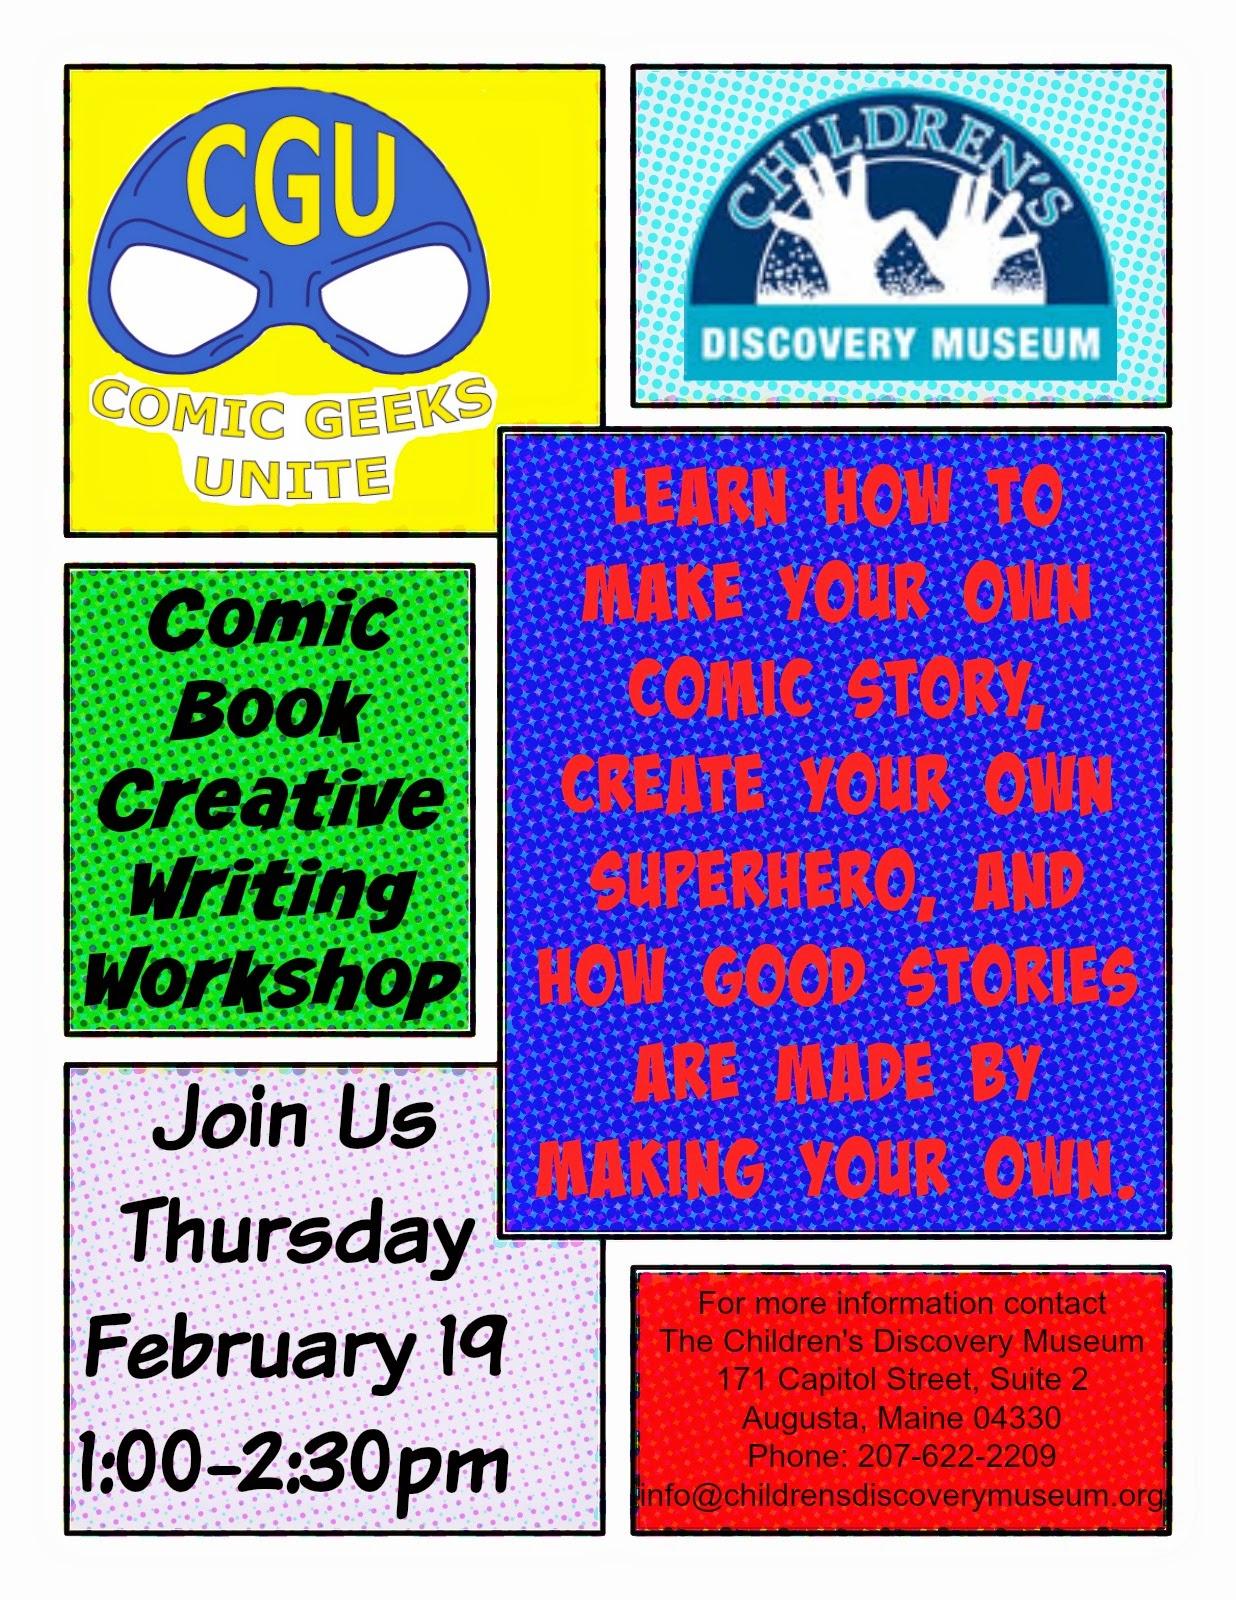 Comic Geeks Unite Tales Of Geekery